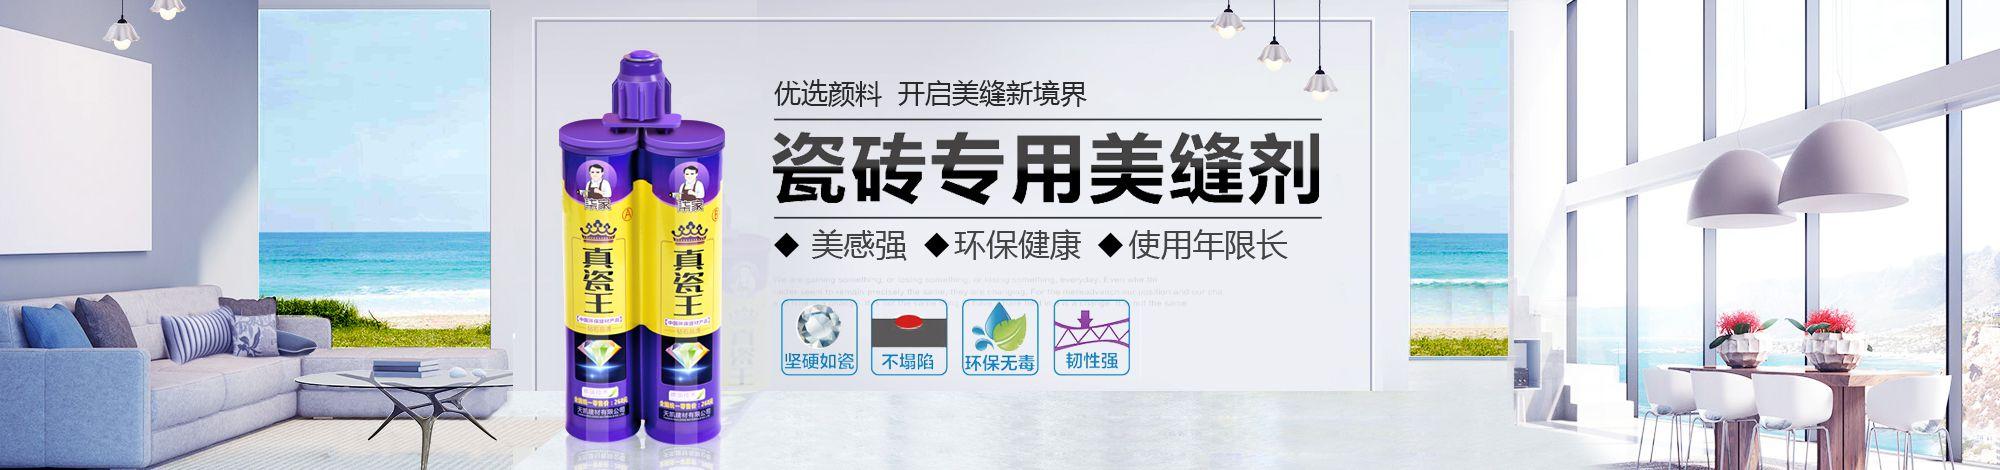 深圳市天凯建材有限公司